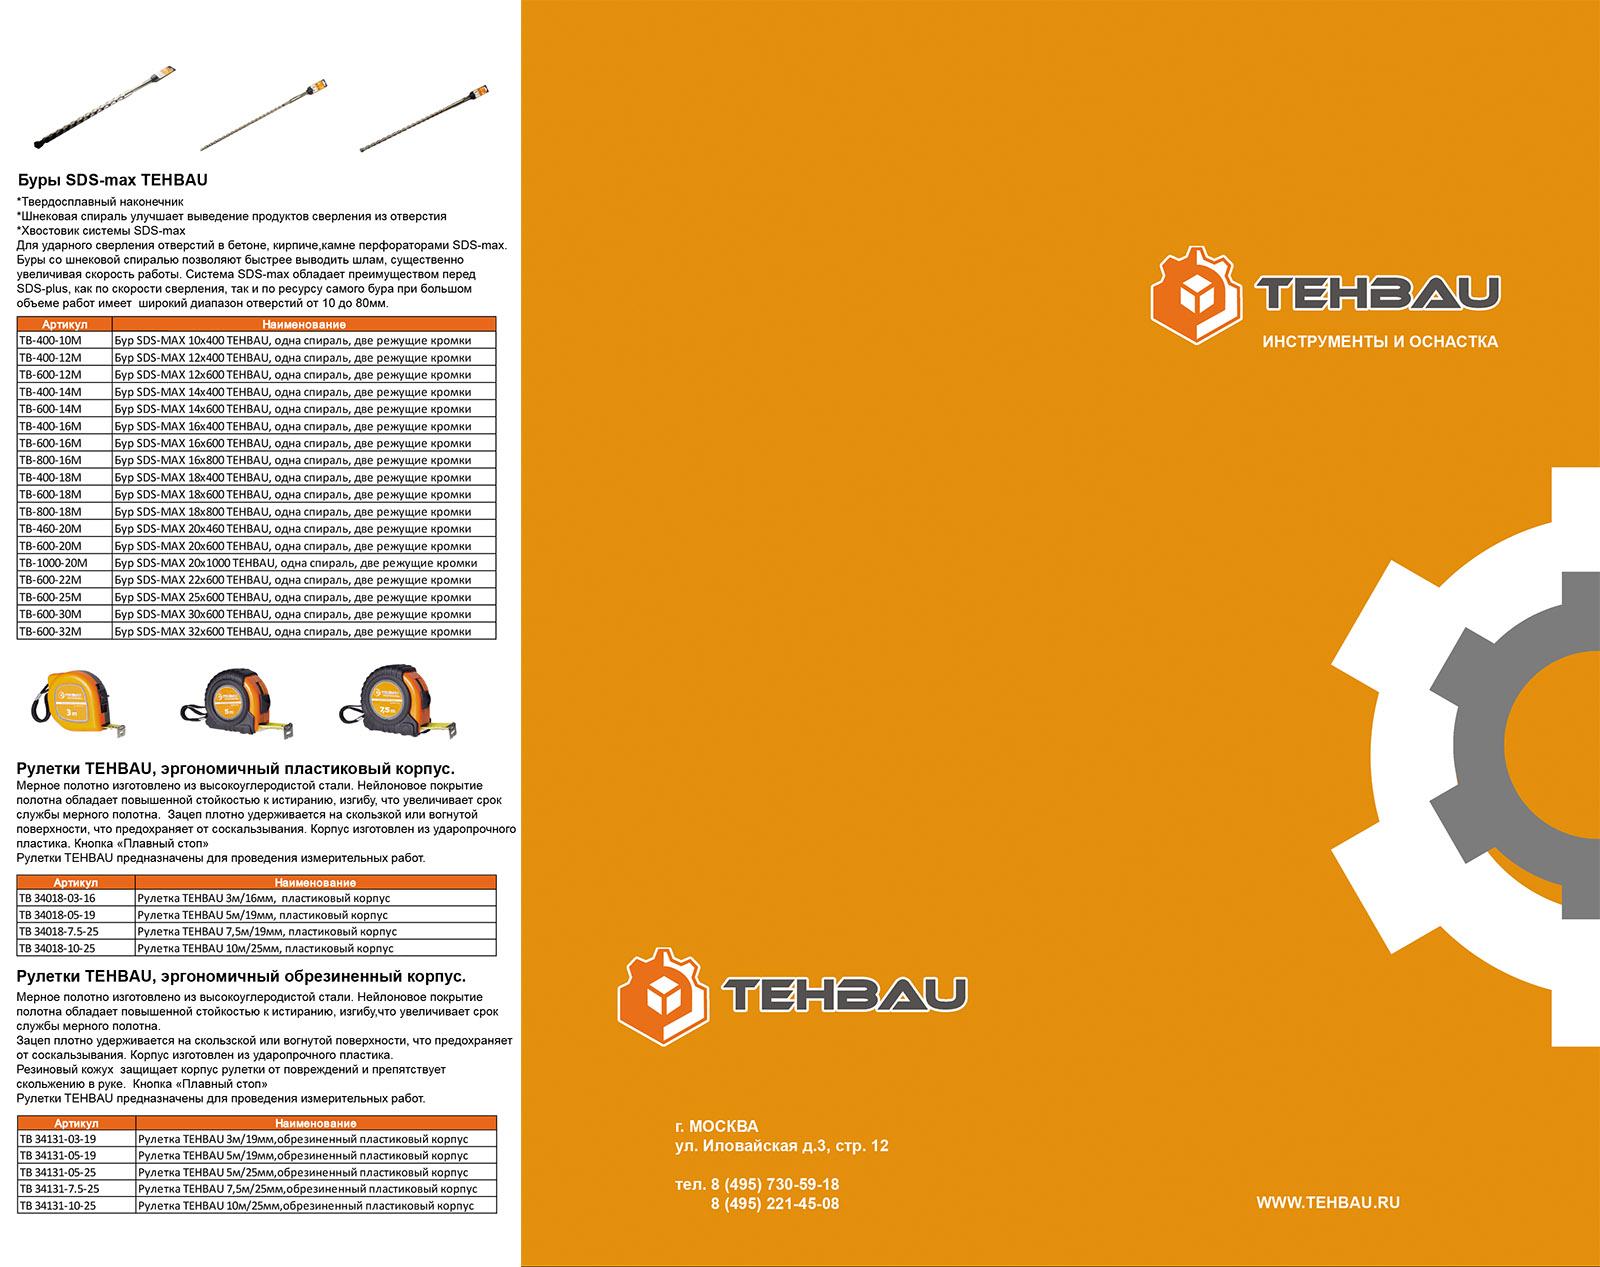 Разработка буклета линейки продукции 2014 года